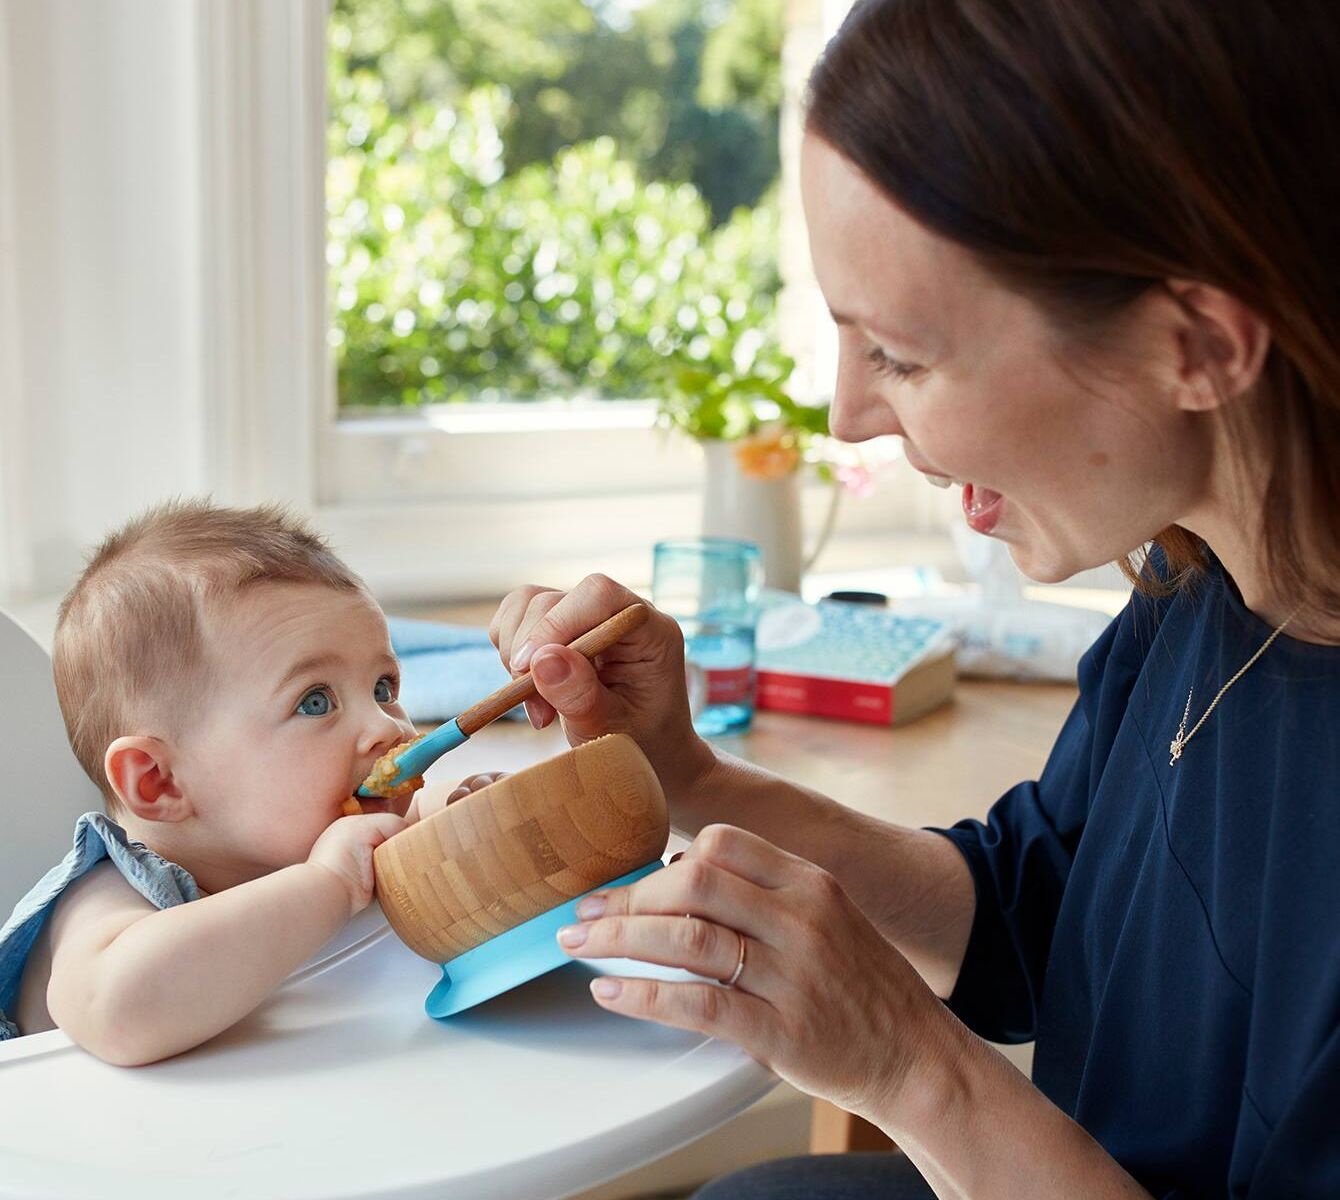 Có nên cho bé 2, 3, 4 tháng tuổi ăn dặm?